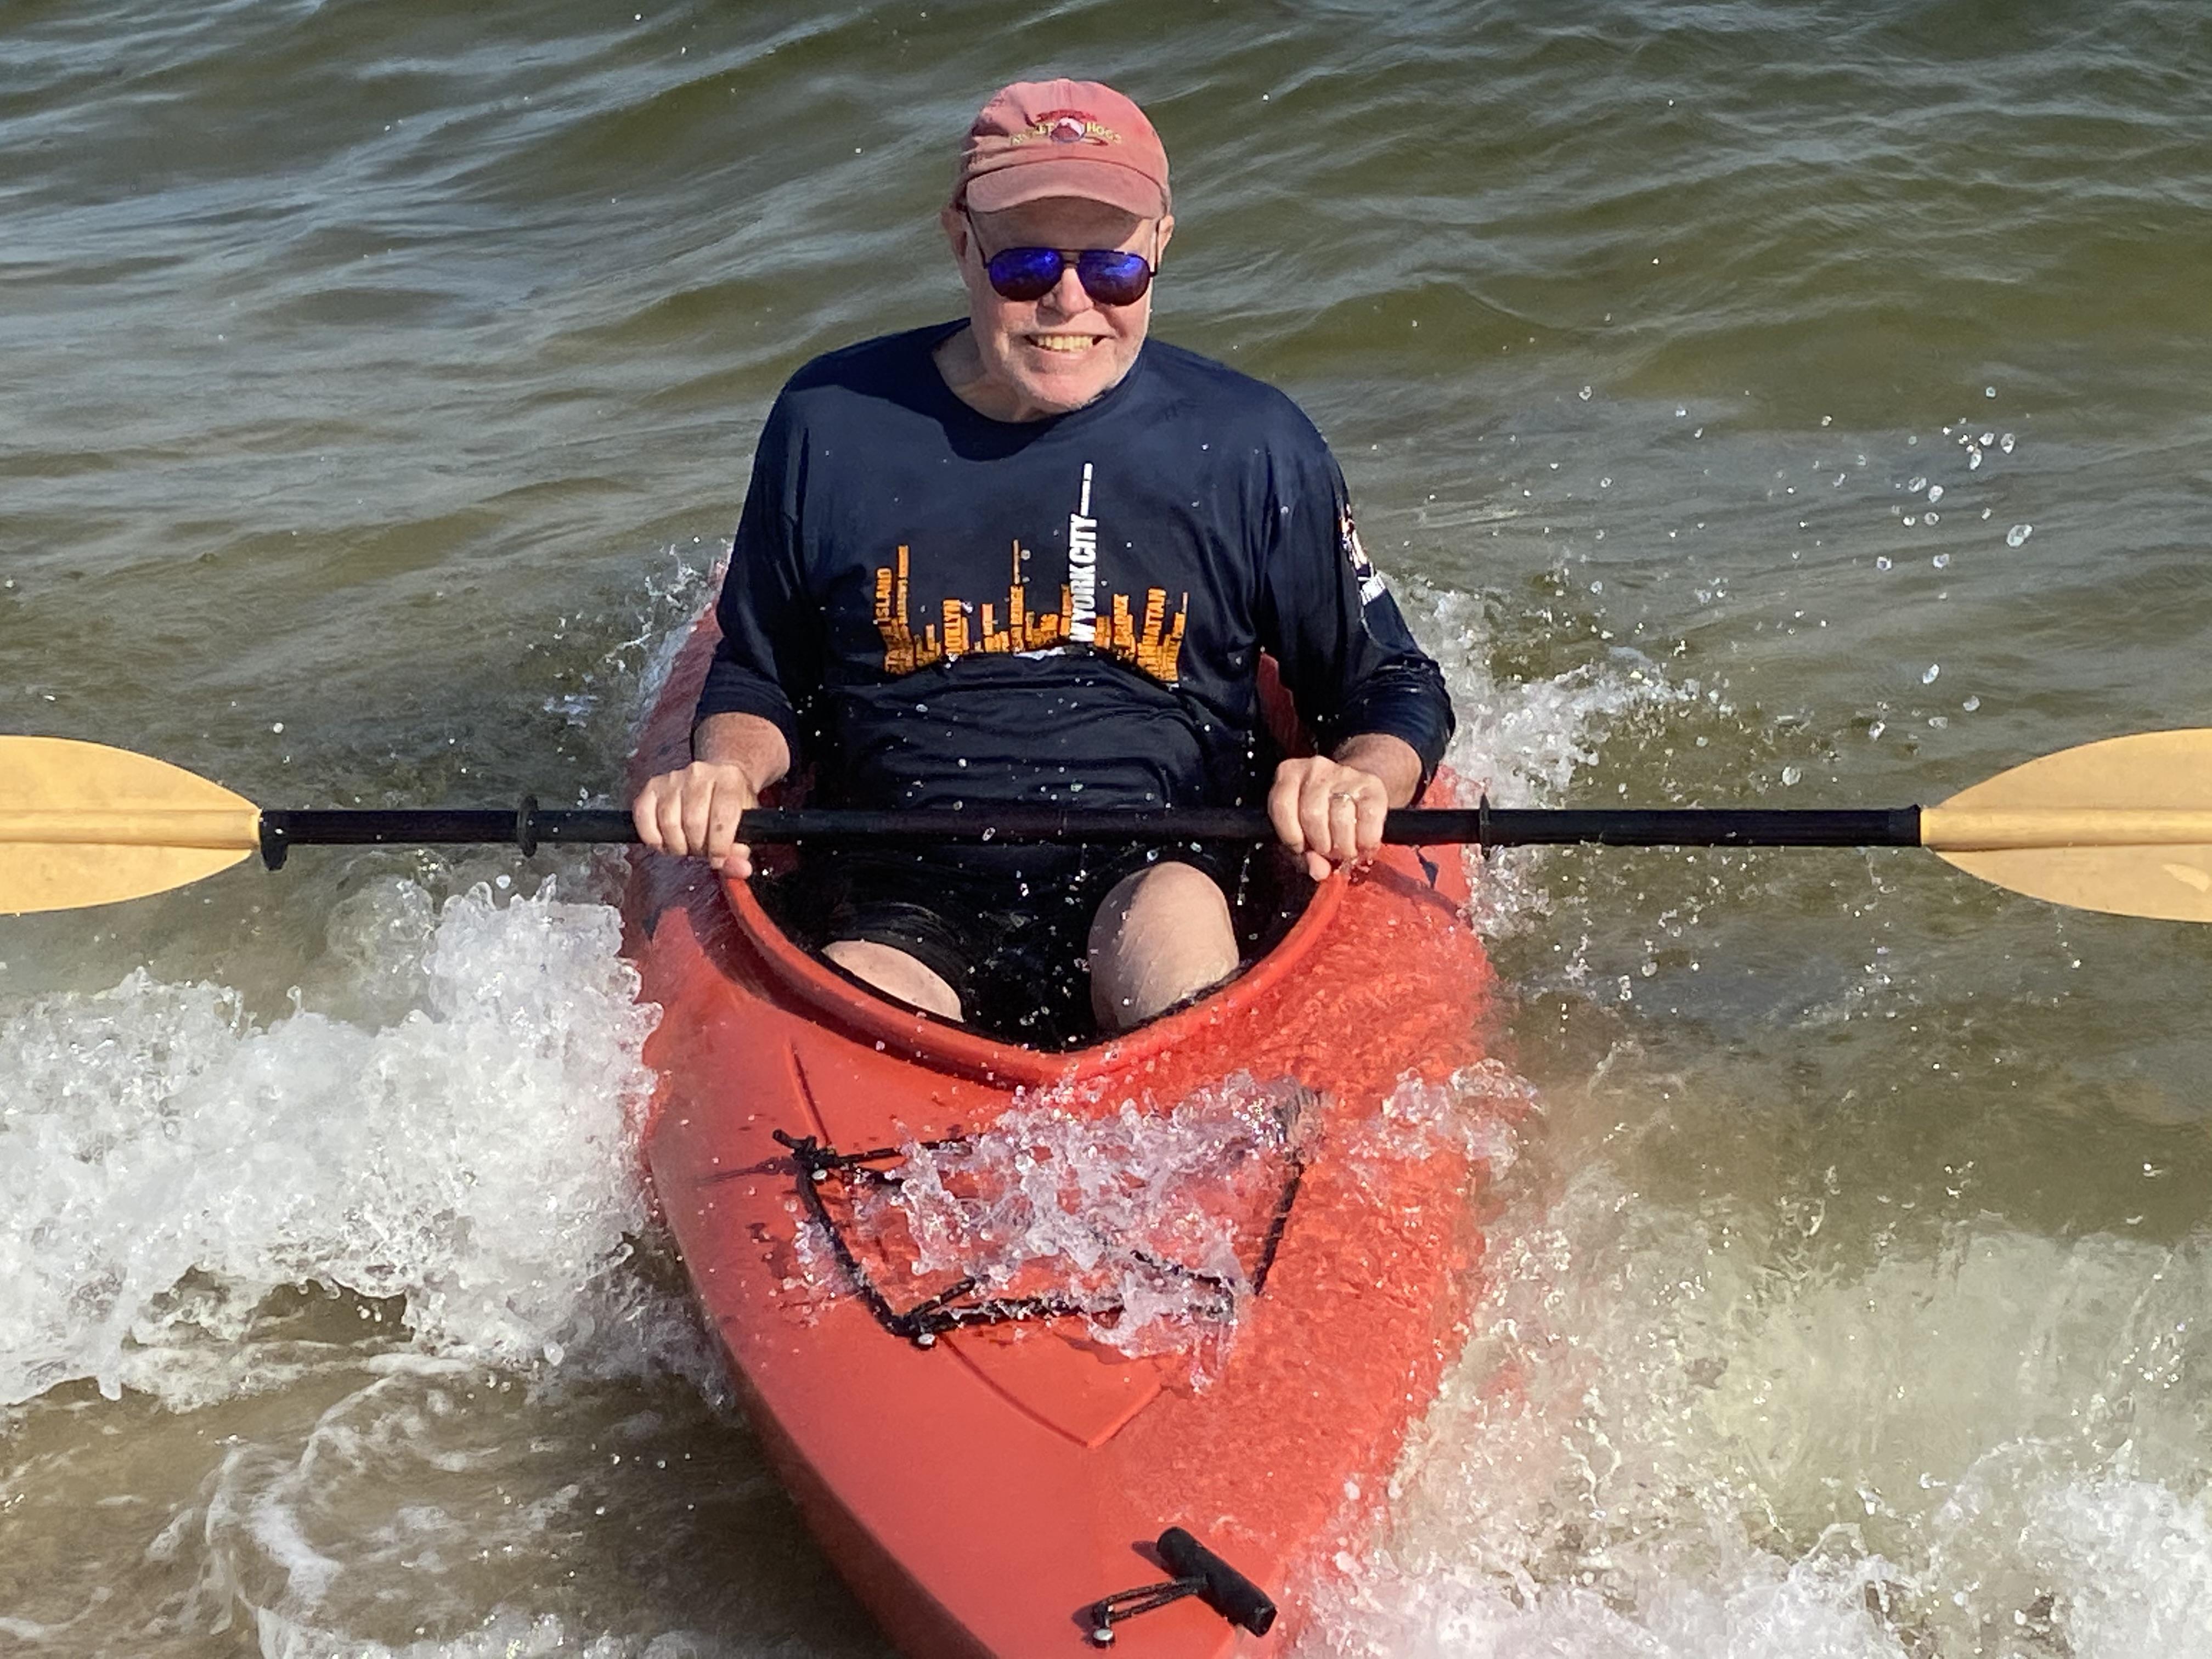 Ken enjoying a kayak ride in North Fork of Long Island